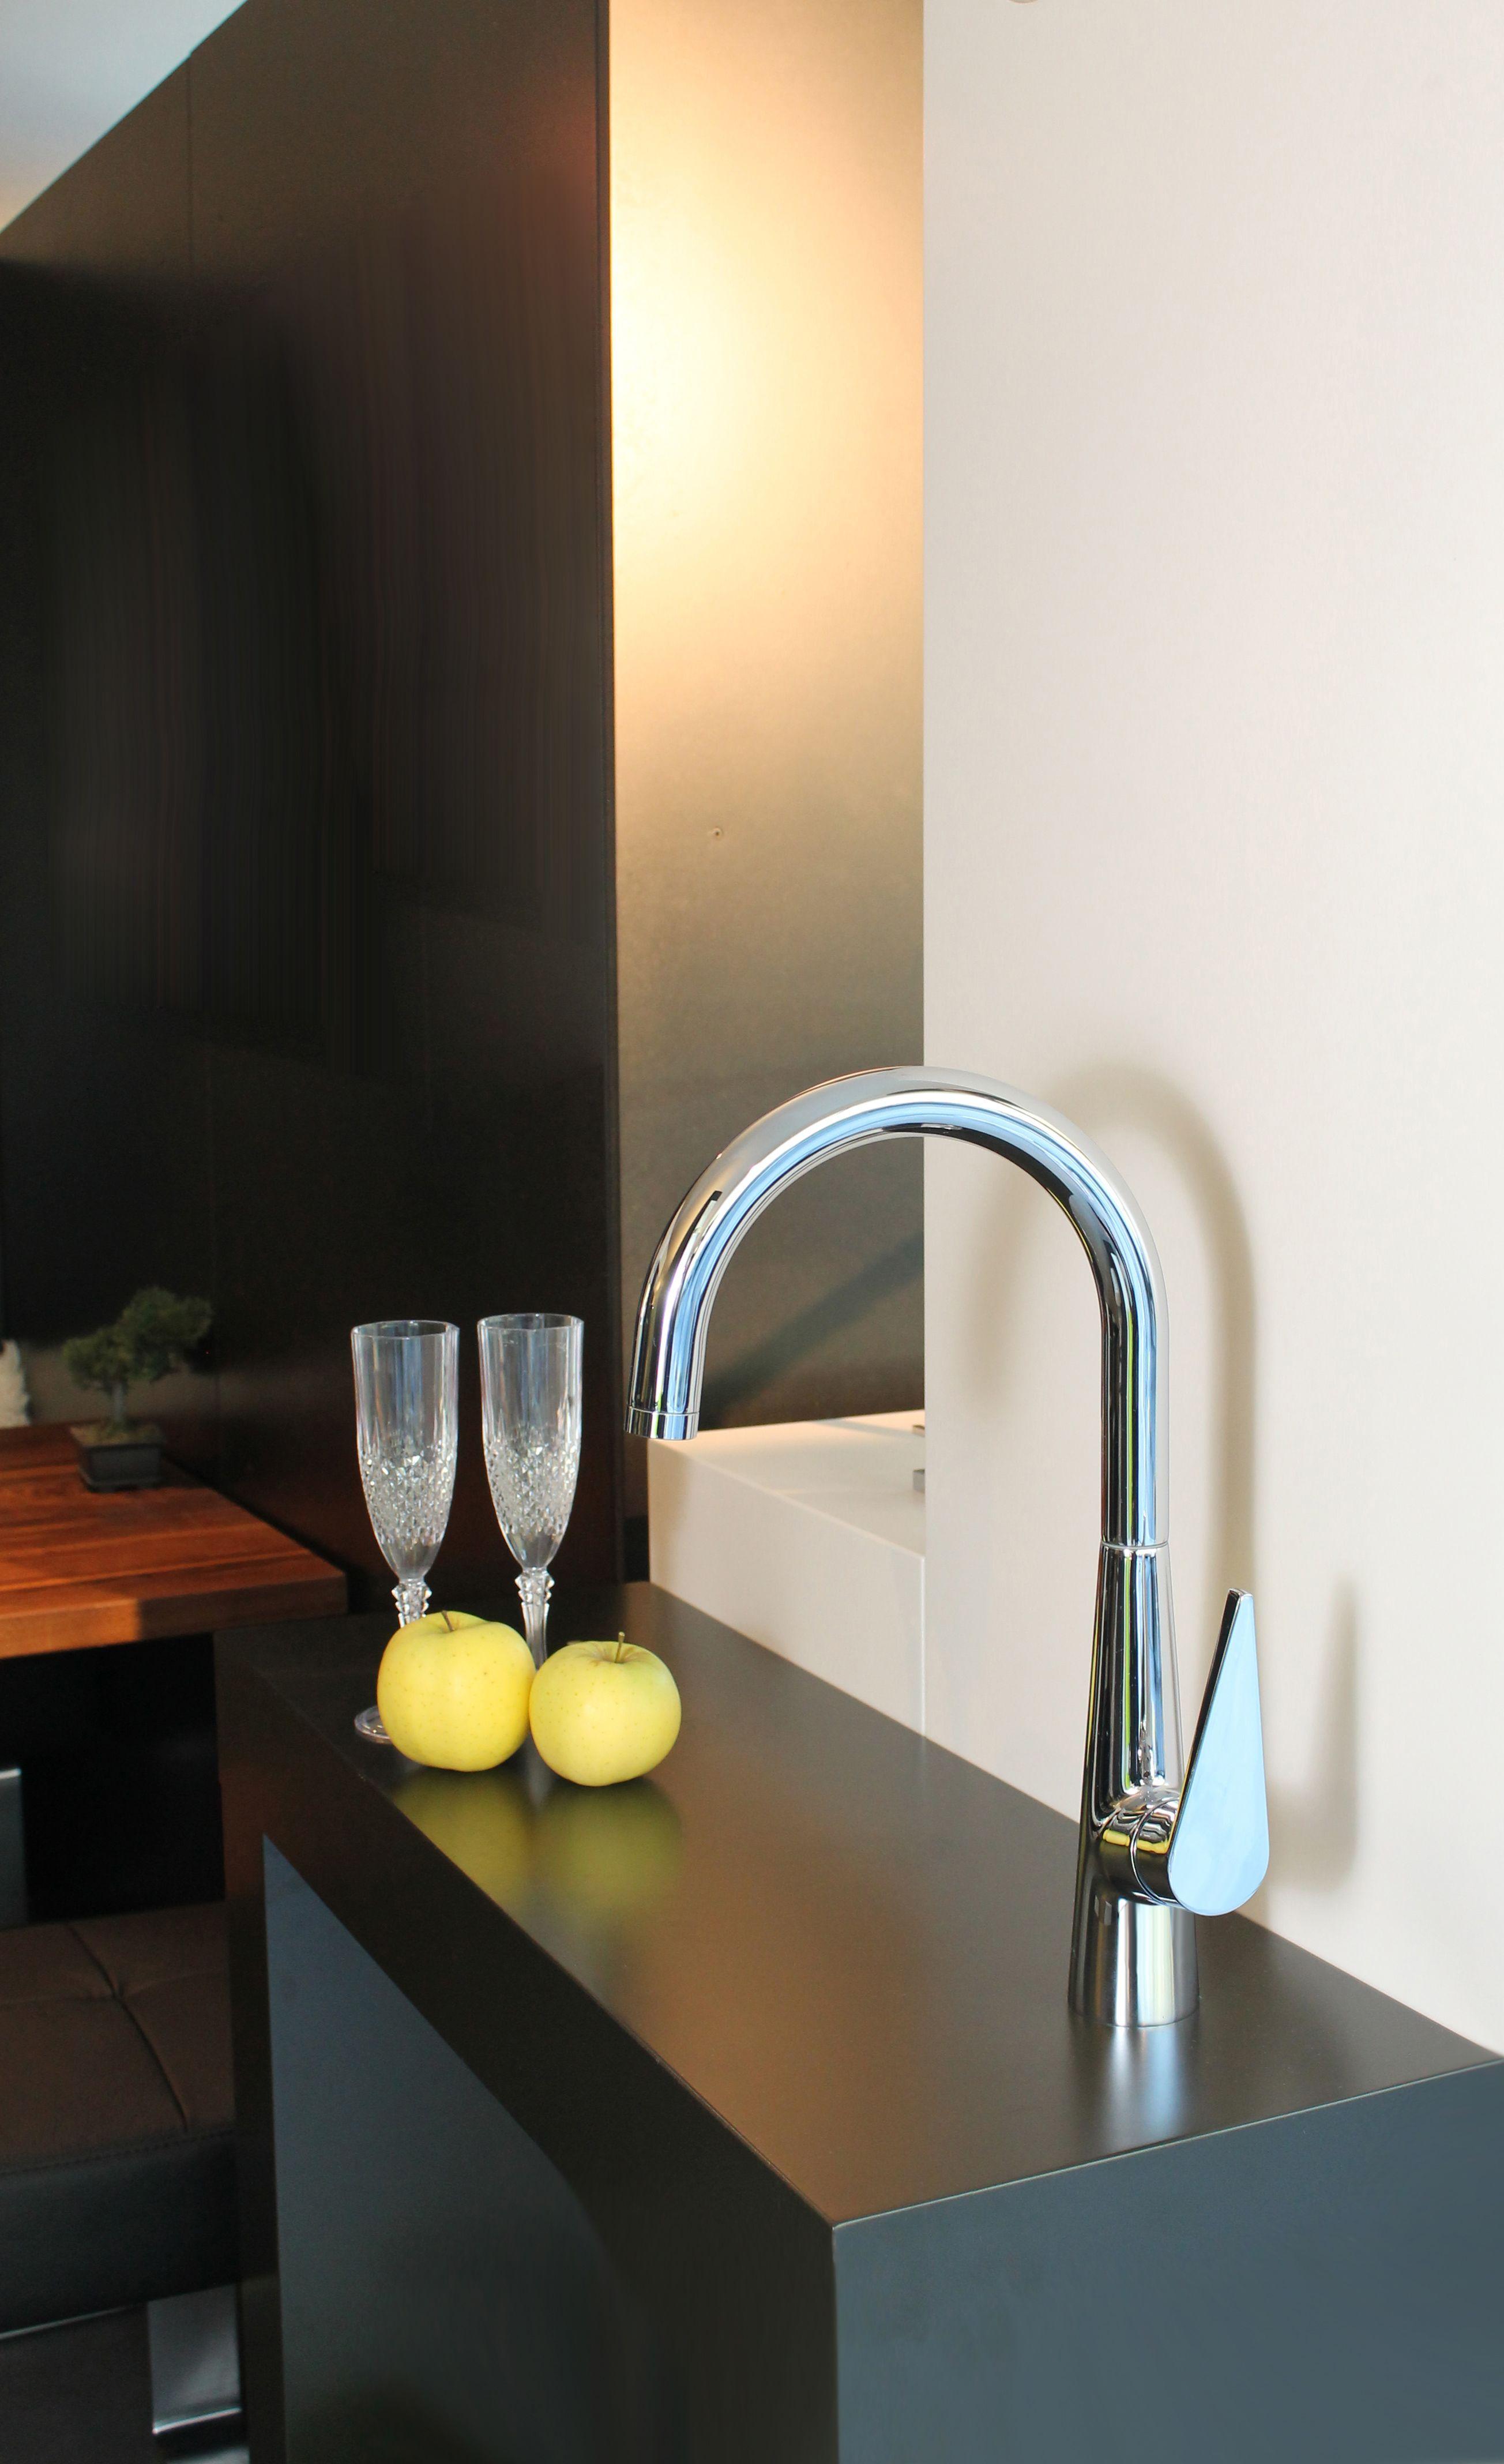 die neue Hansgrohe Talis S Küchenarmatur | Küchenarmaturen | Pinterest